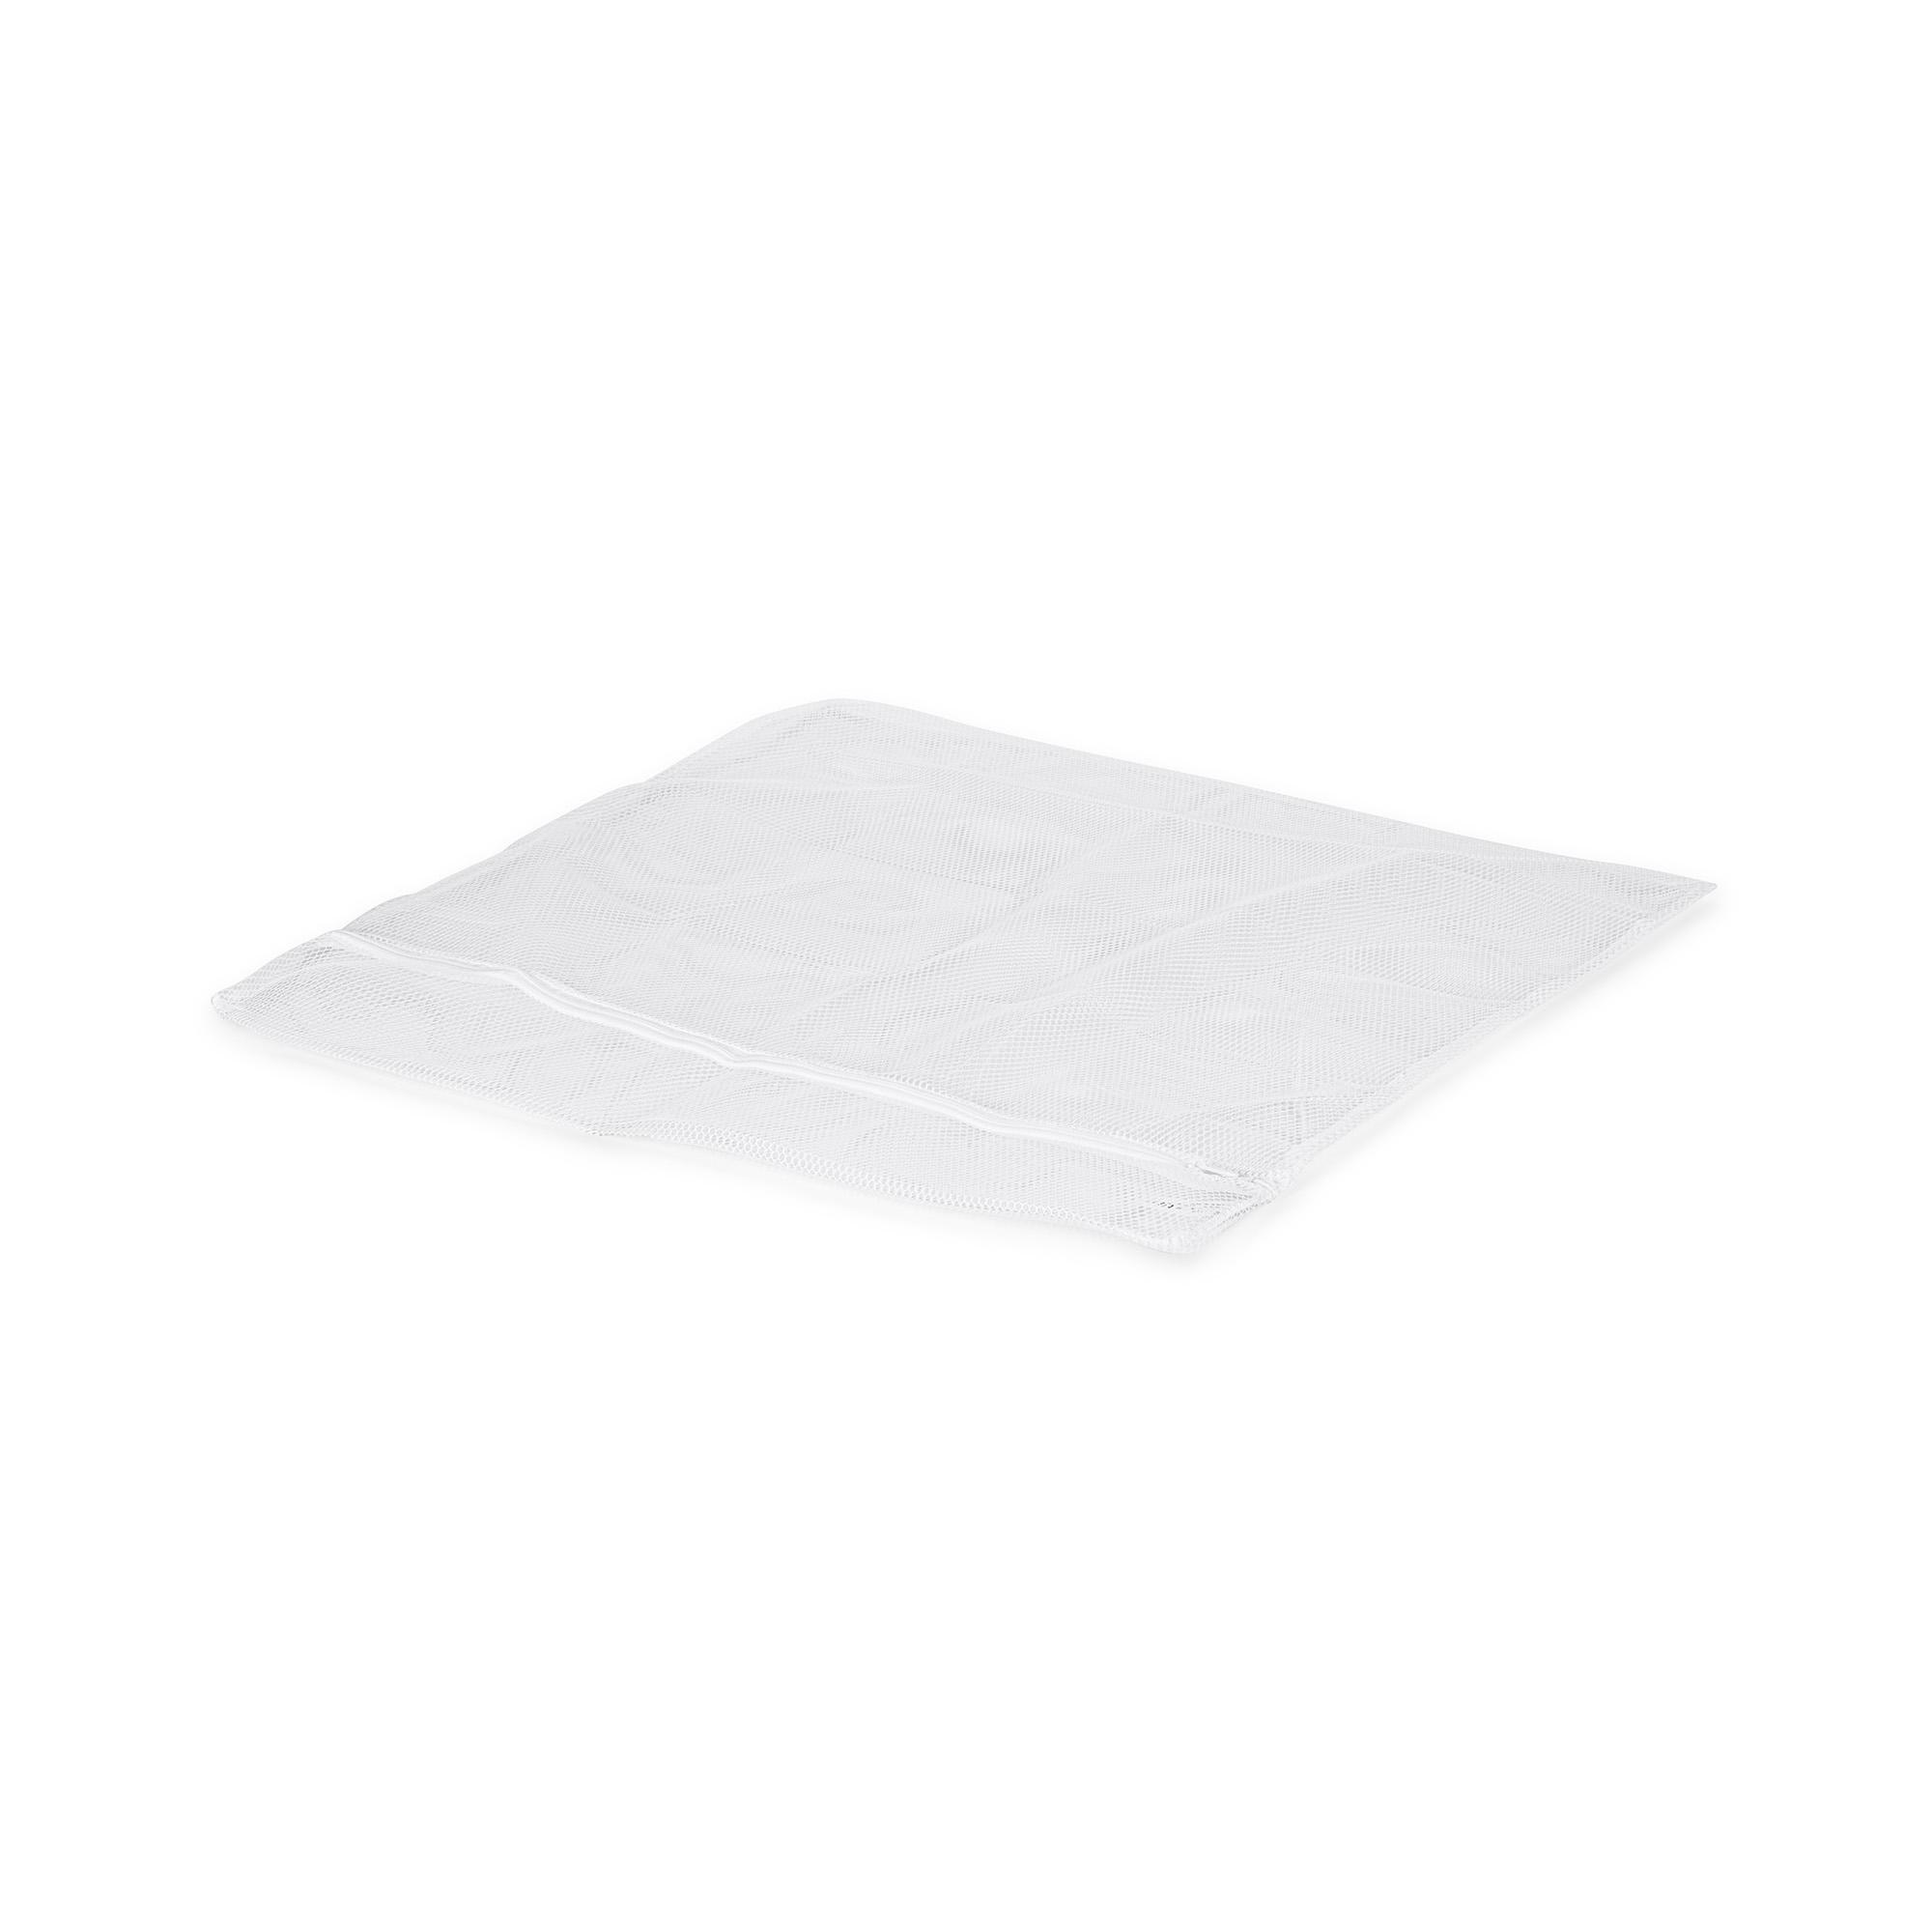 Filet de protection pour le linge 60x60cm